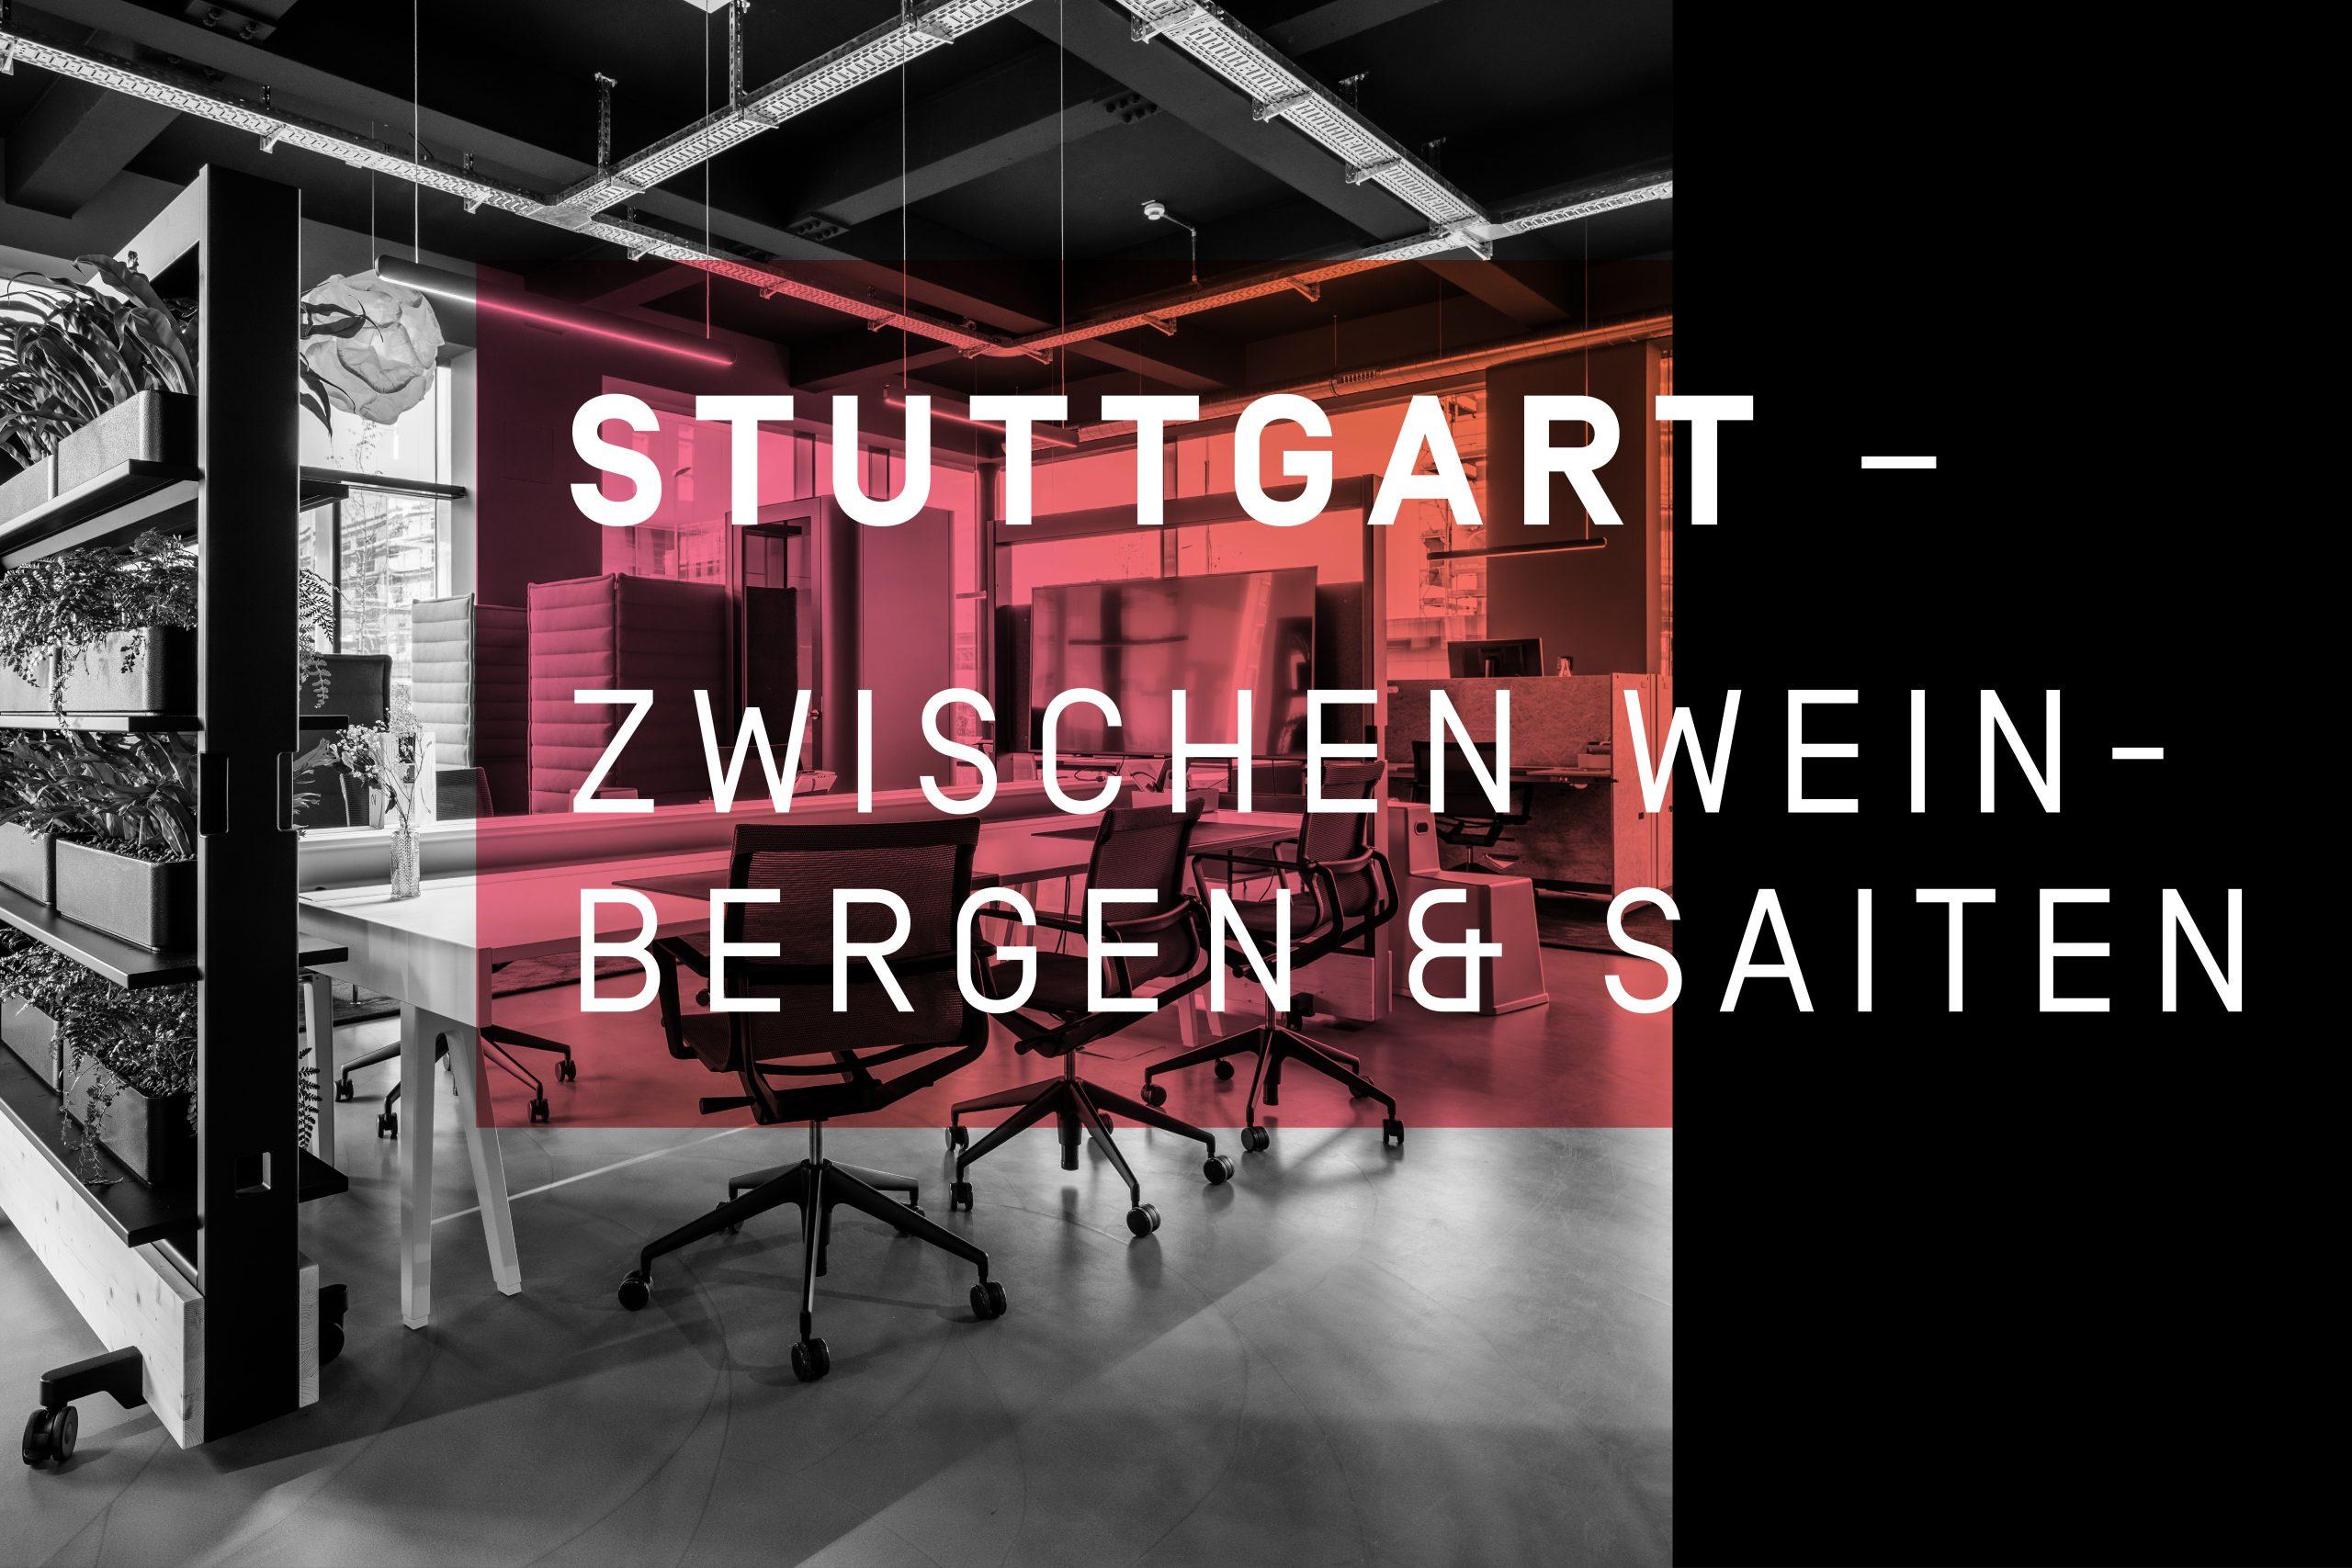 Stuttgart – Zwischen Weinbergen und Saiten